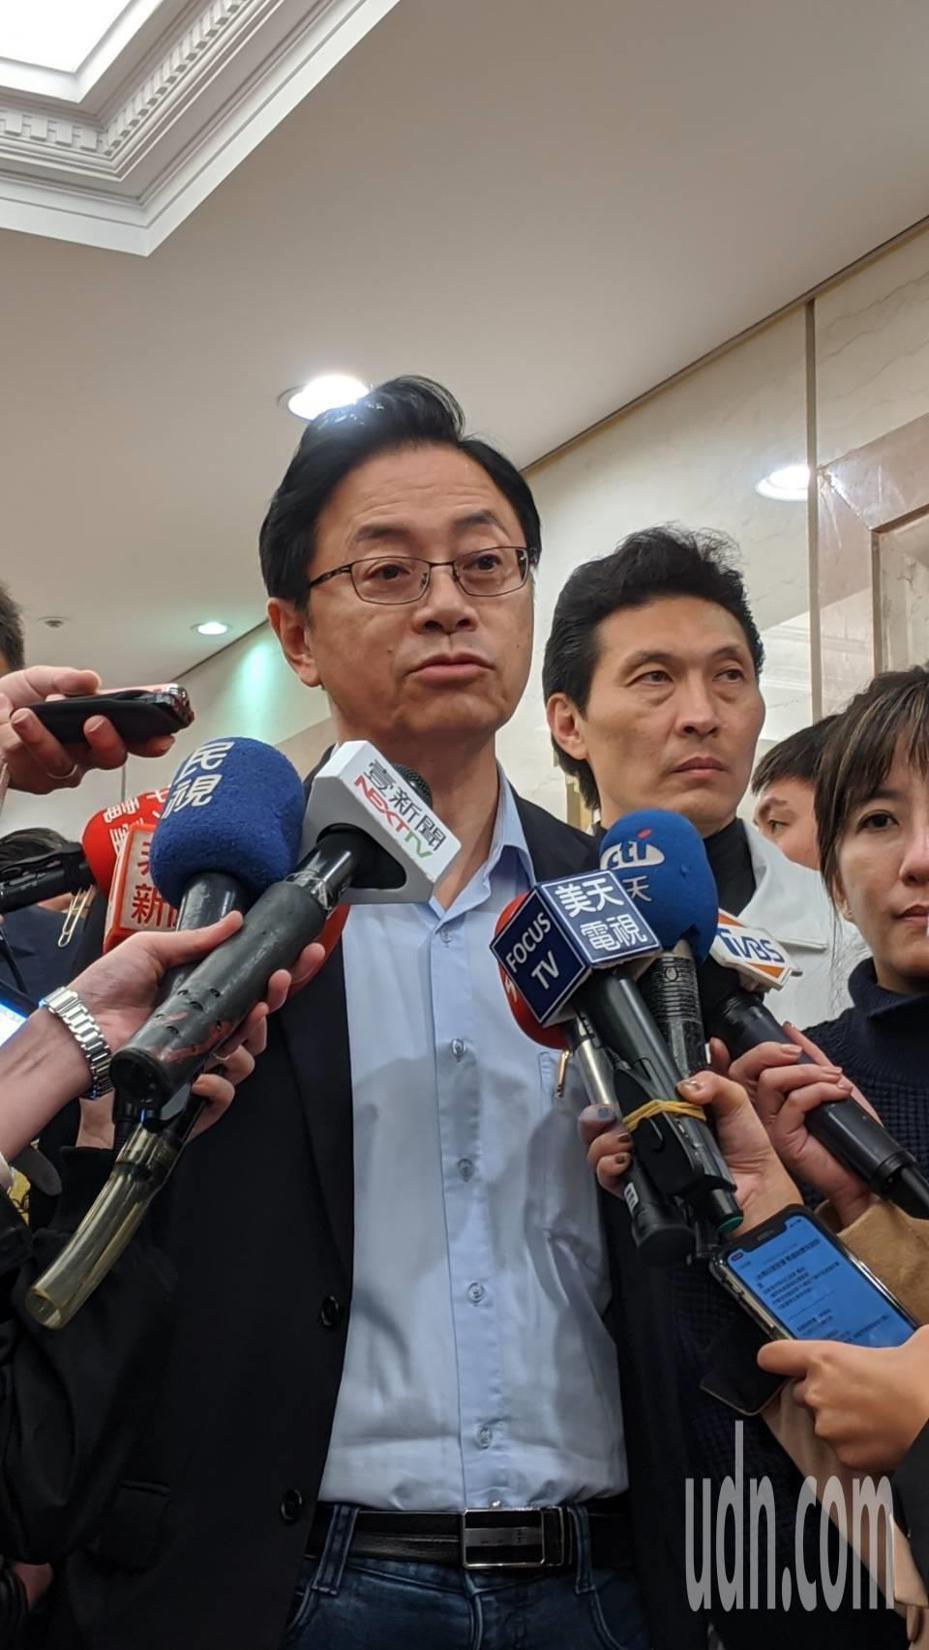 國民黨副總統候選人張善政。記者蔡佩芳/攝影